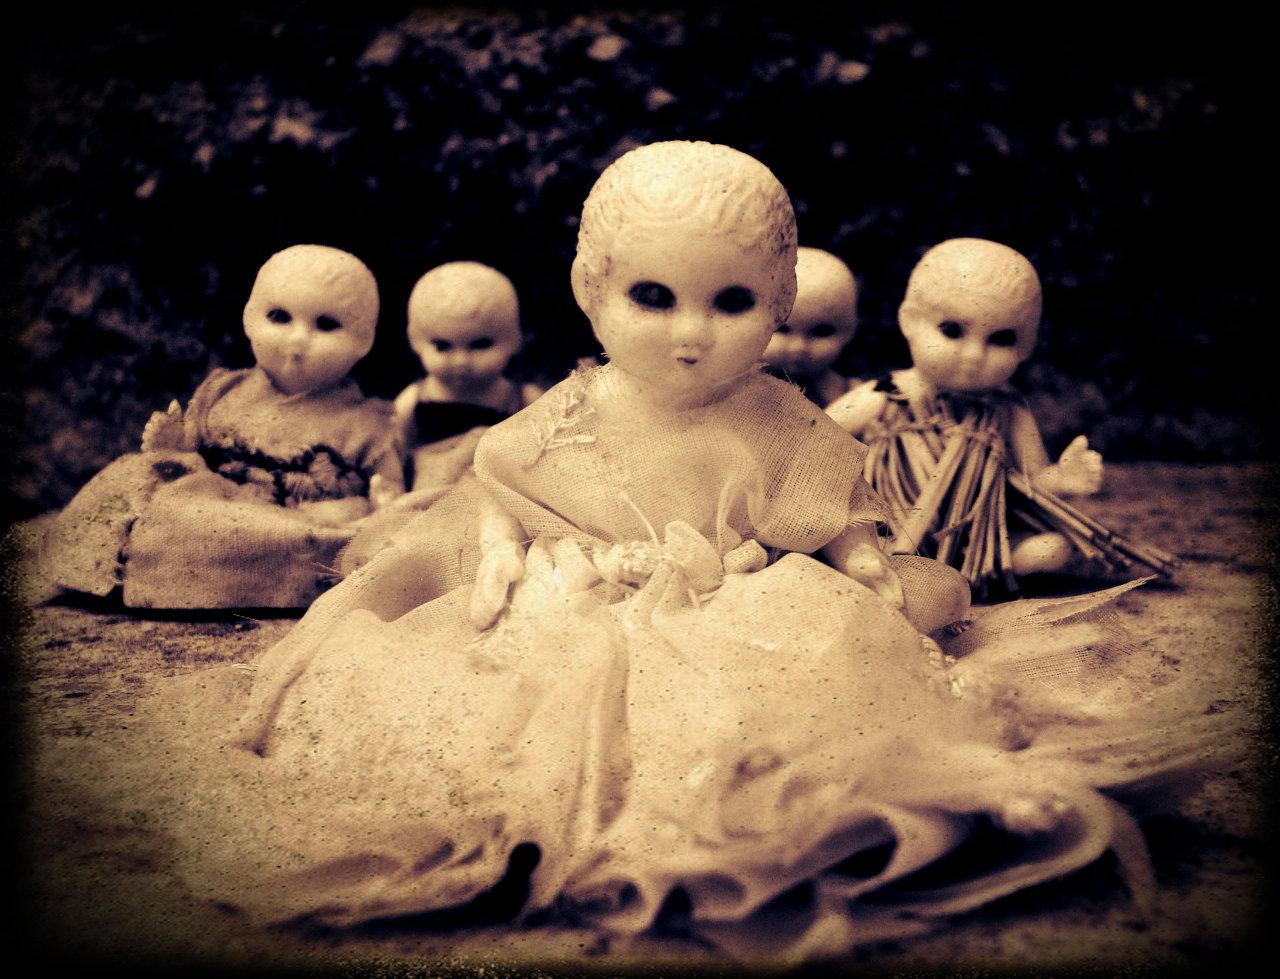 Ghostly Dolls